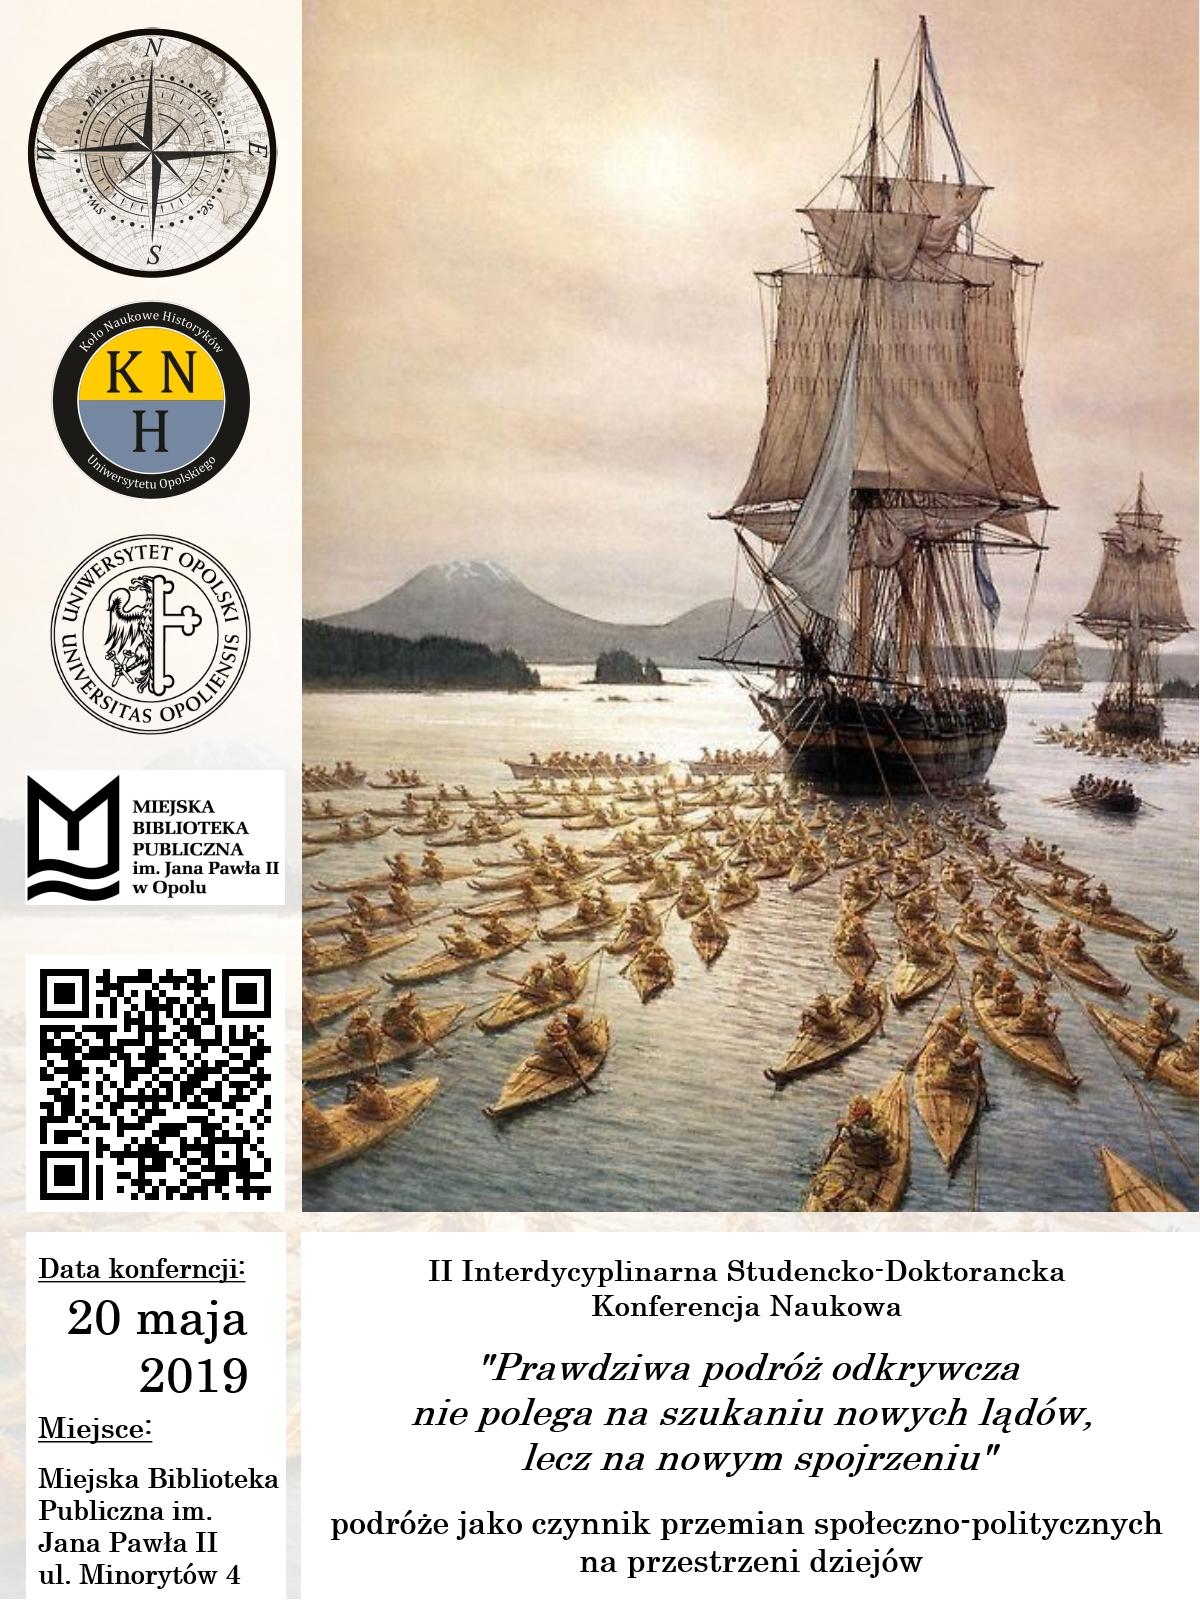 II Interdyscyplinarna Ogólnopolska Konferencja Naukowa